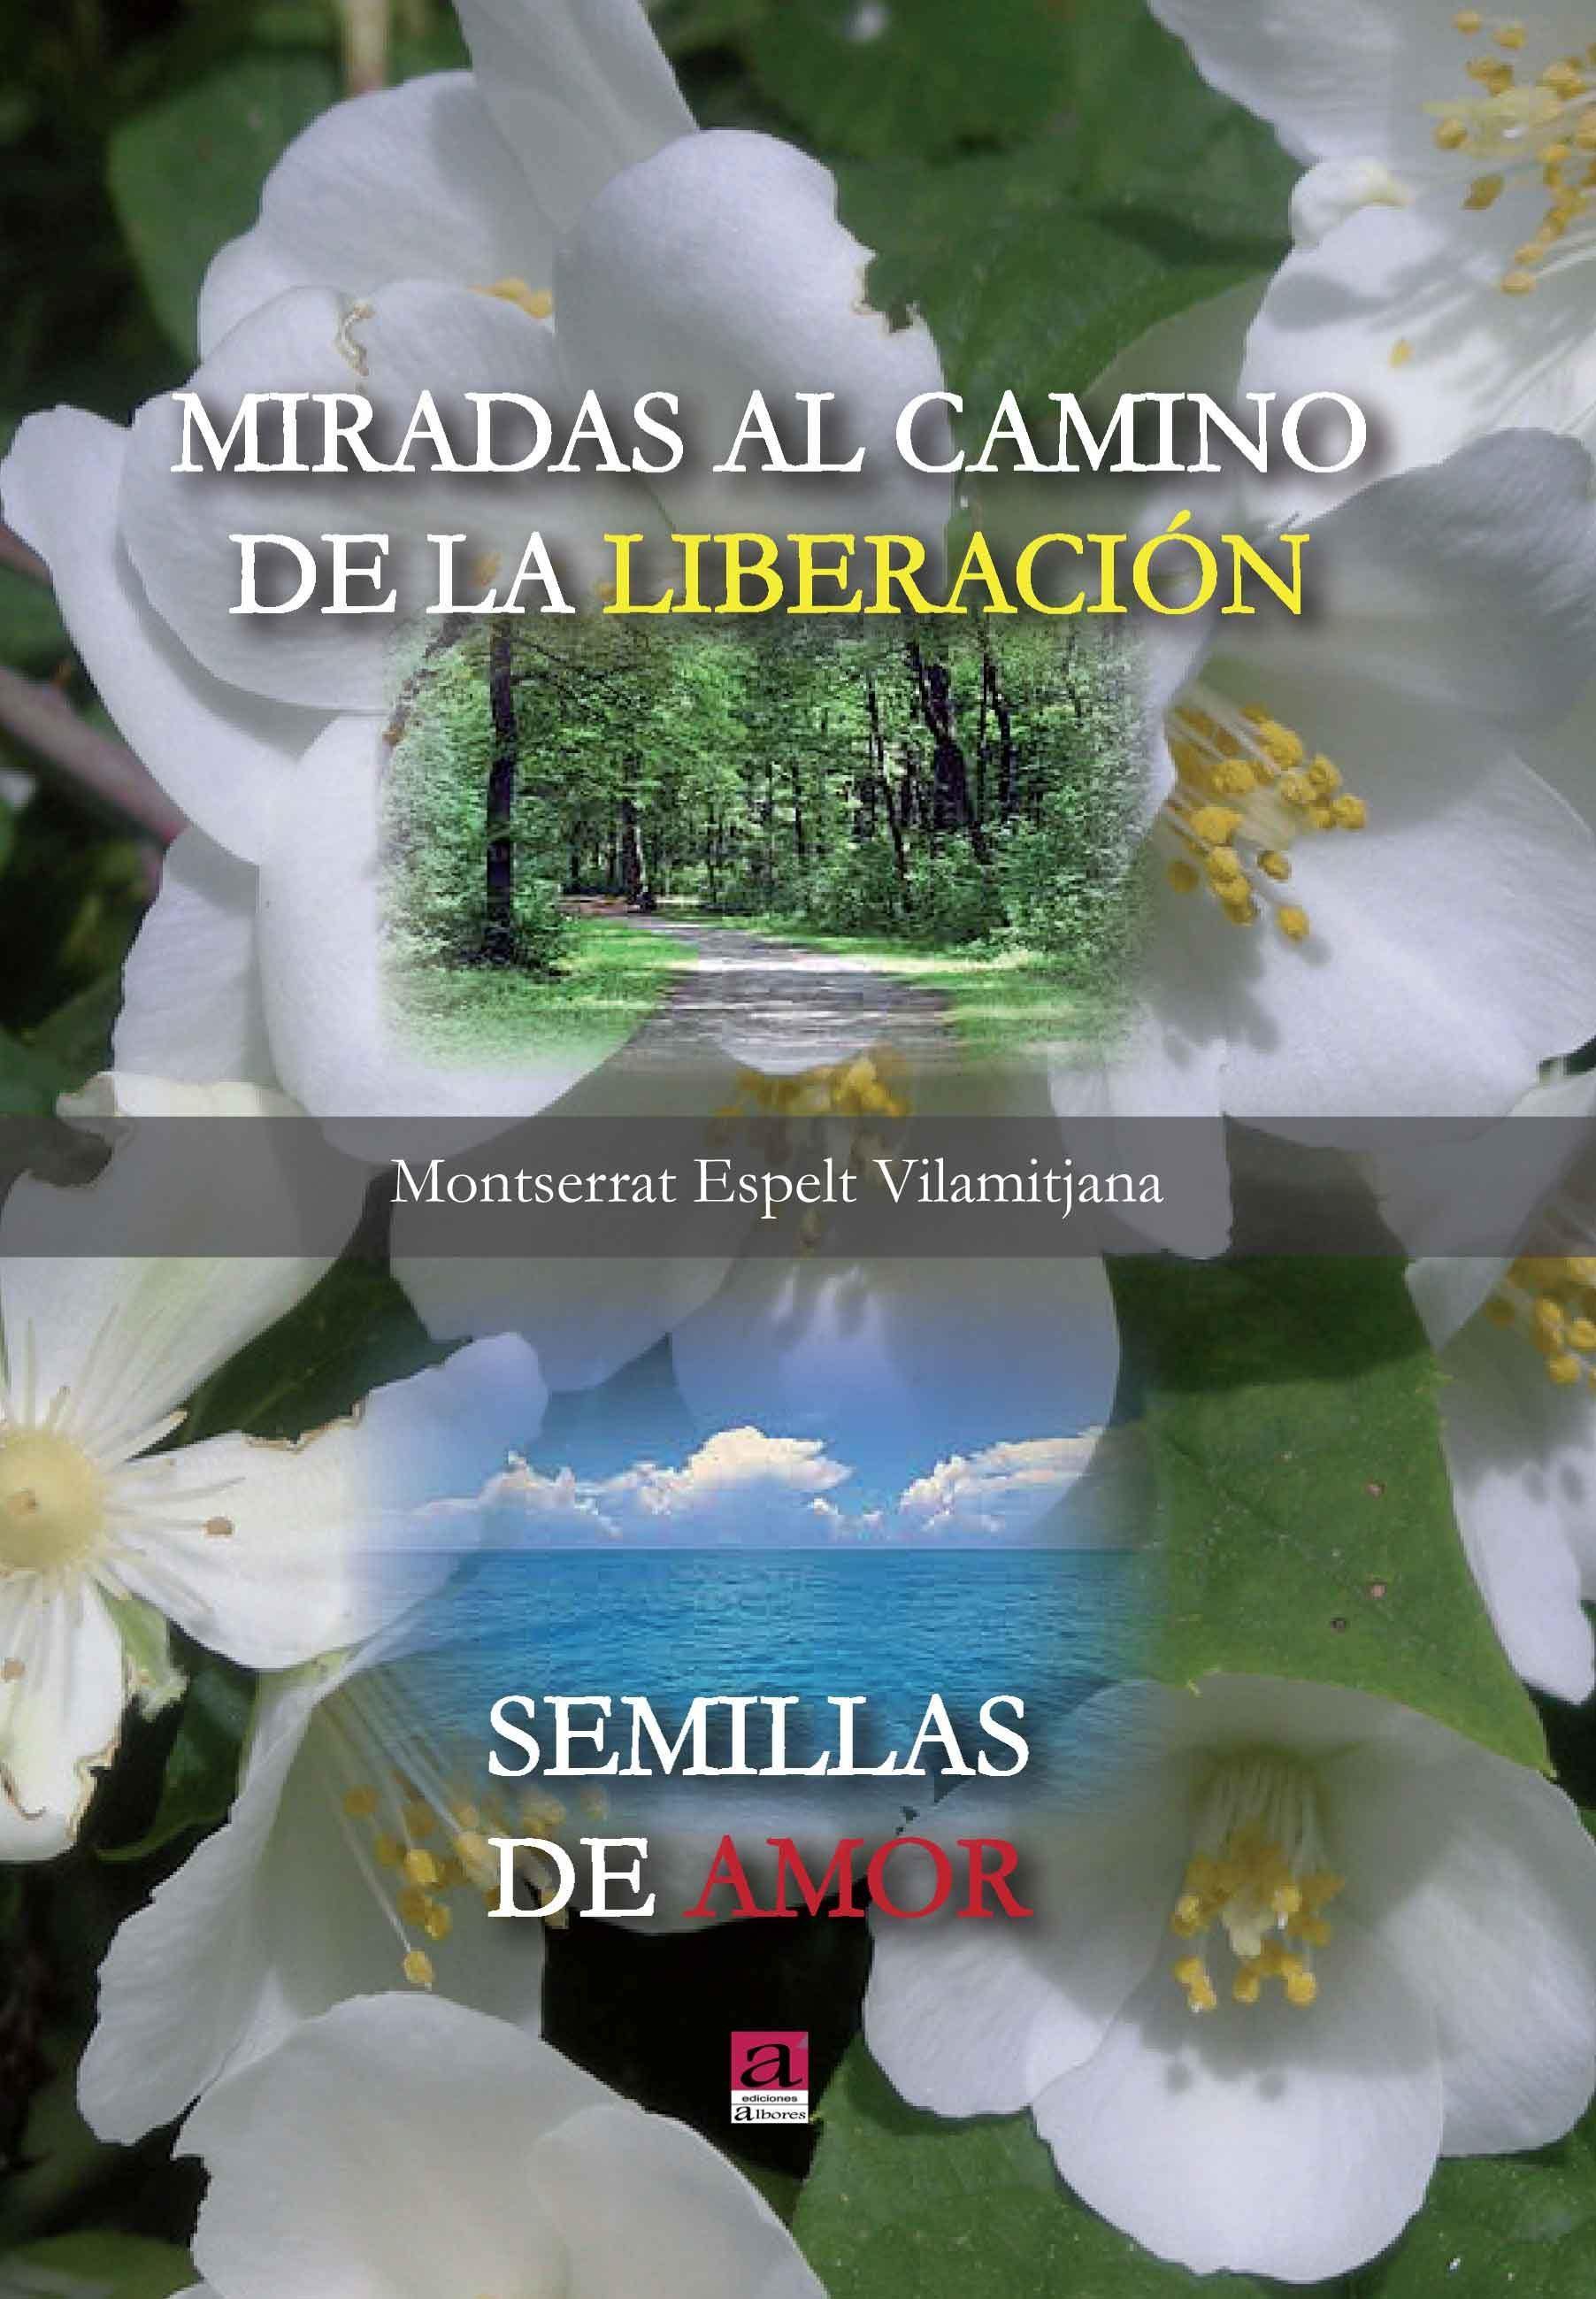 MIRADAS AL CAMINO DE LA LIBERACION: SEMILLAS DE AMOR